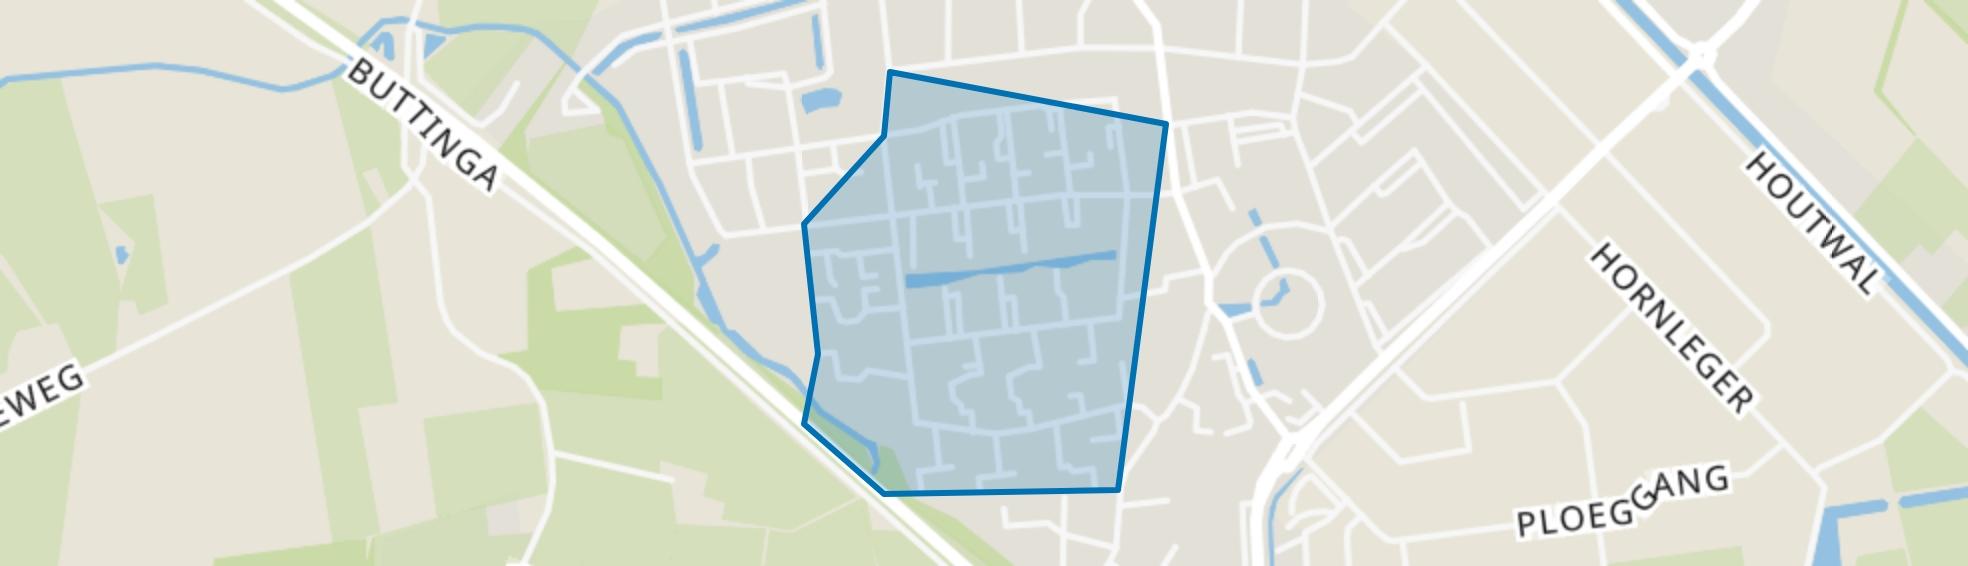 Oosterwolde-Zuid, Oosterwolde (FR) map